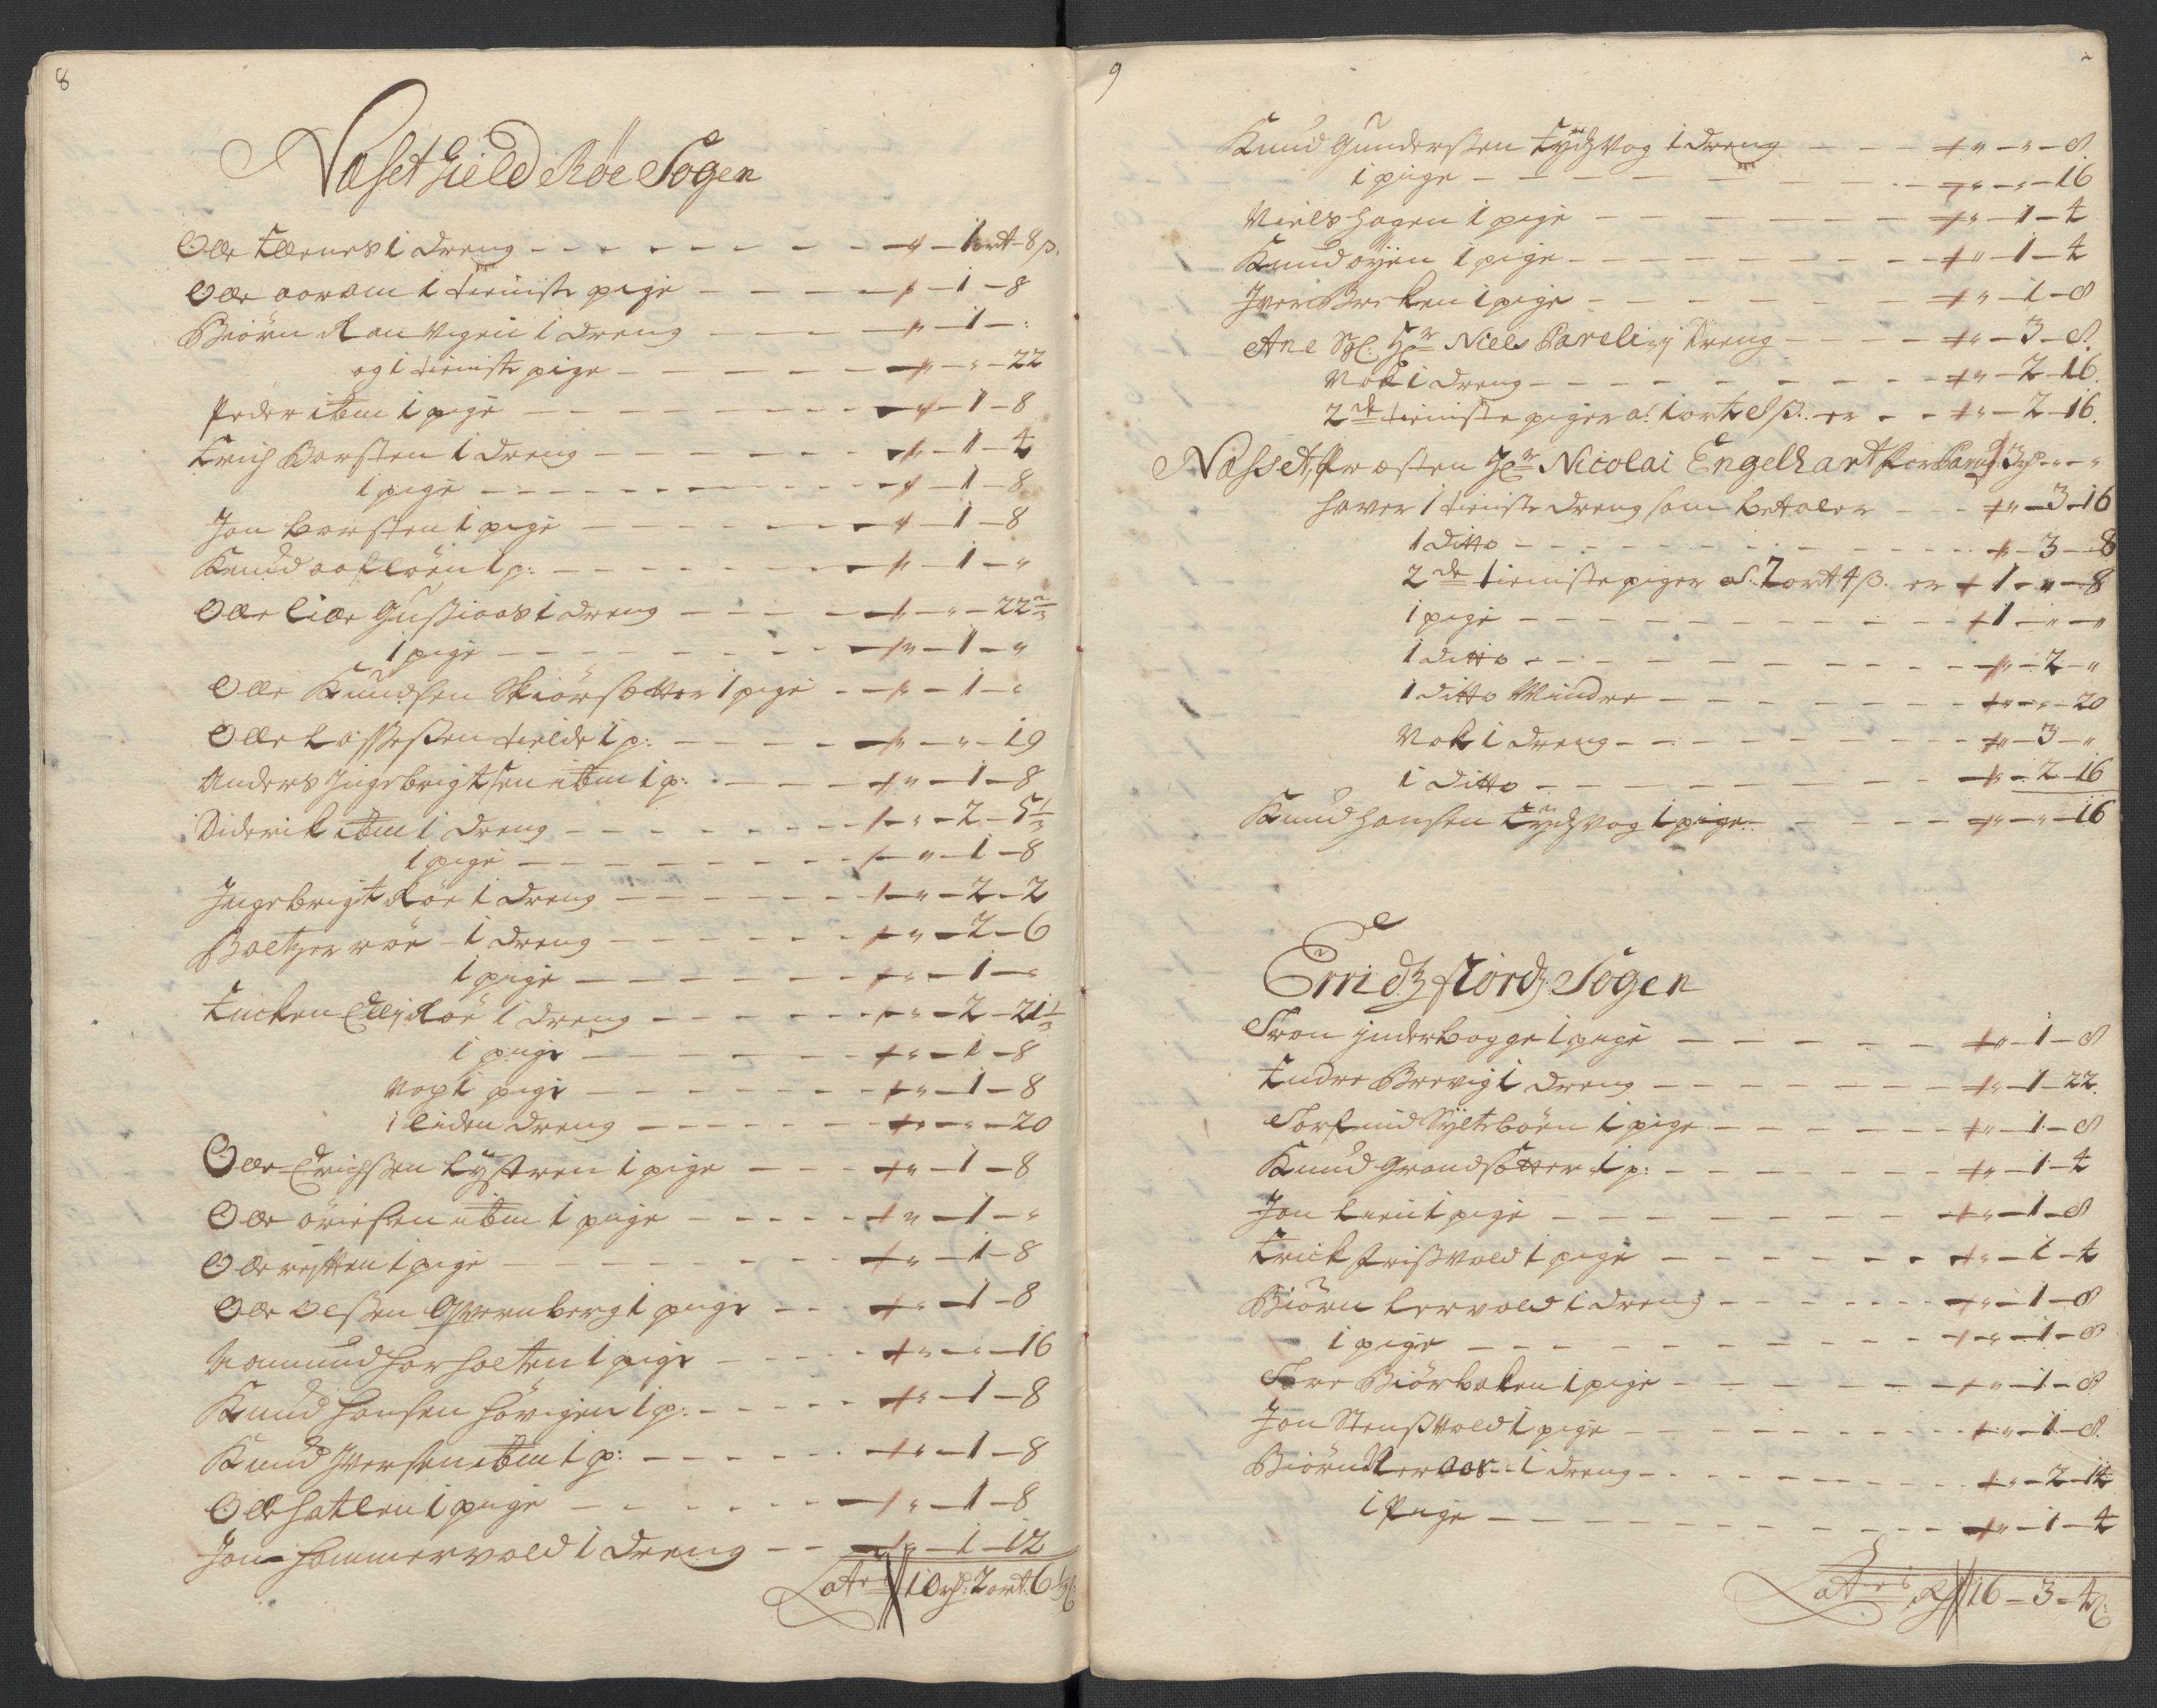 RA, Rentekammeret inntil 1814, Reviderte regnskaper, Fogderegnskap, R55/L3660: Fogderegnskap Romsdal, 1711, s. 135